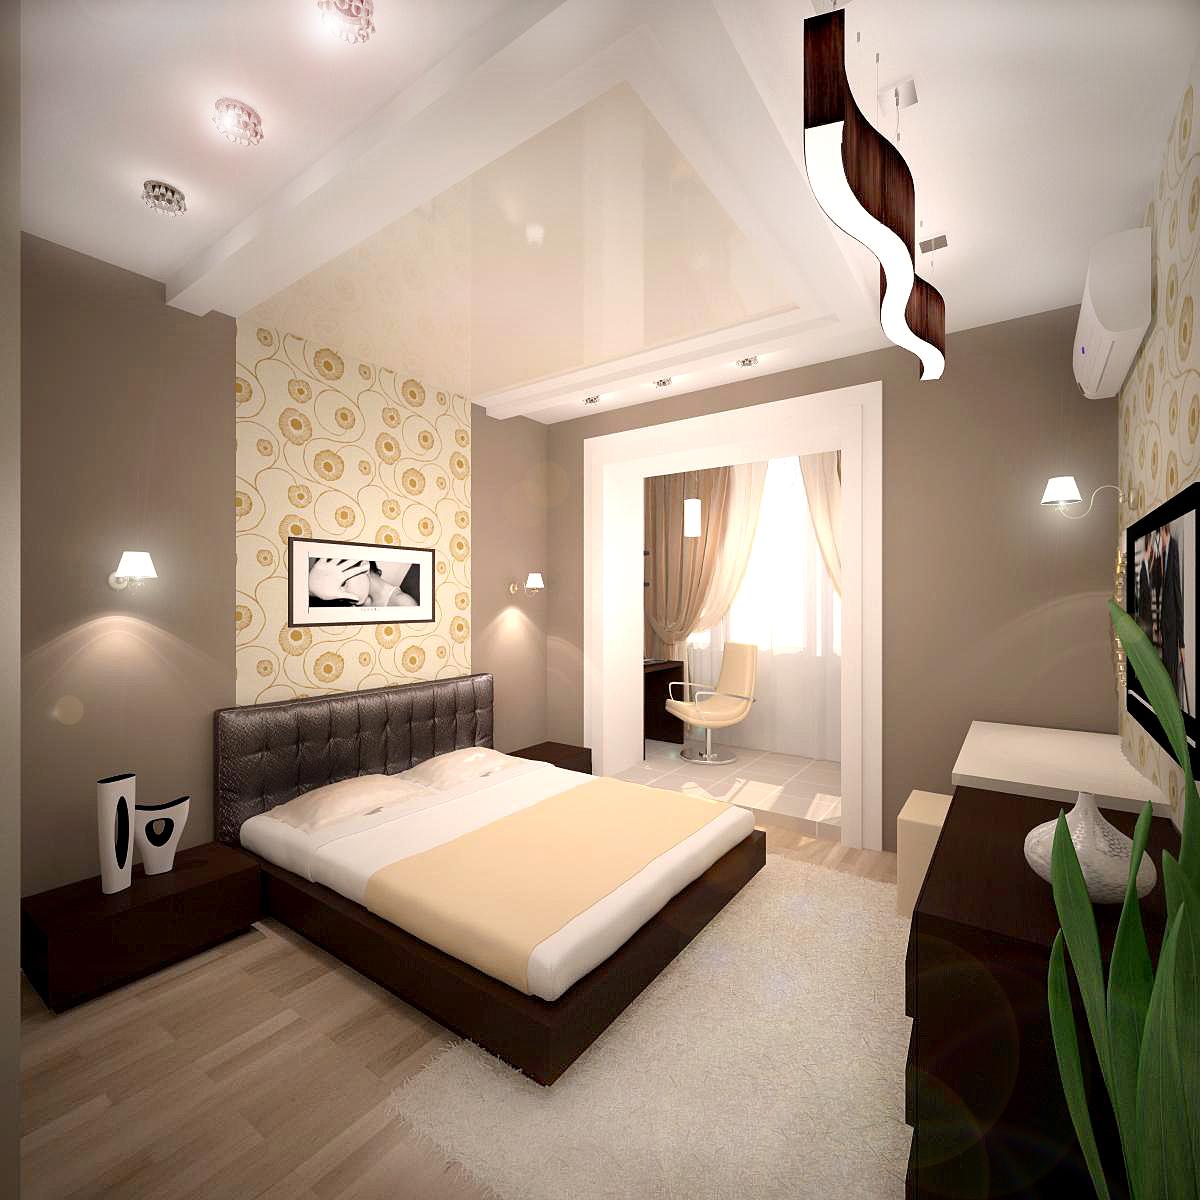 Дизайн и интерьер комнат фото